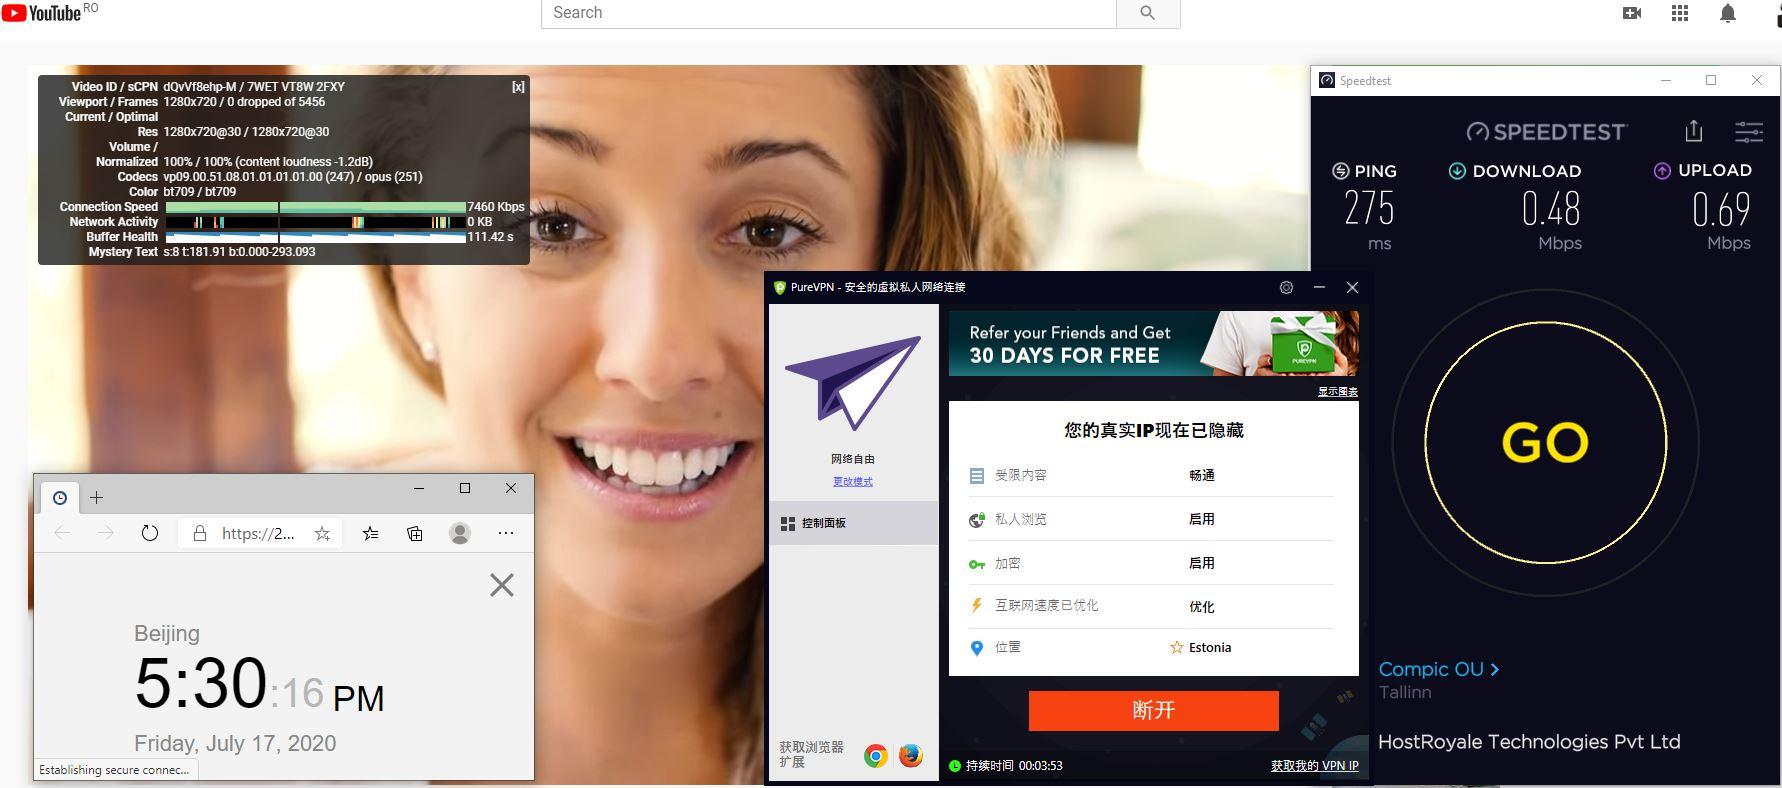 Windows10 PureVPN Estonia 中国VPN 翻墙 科学上网 测速-20200717